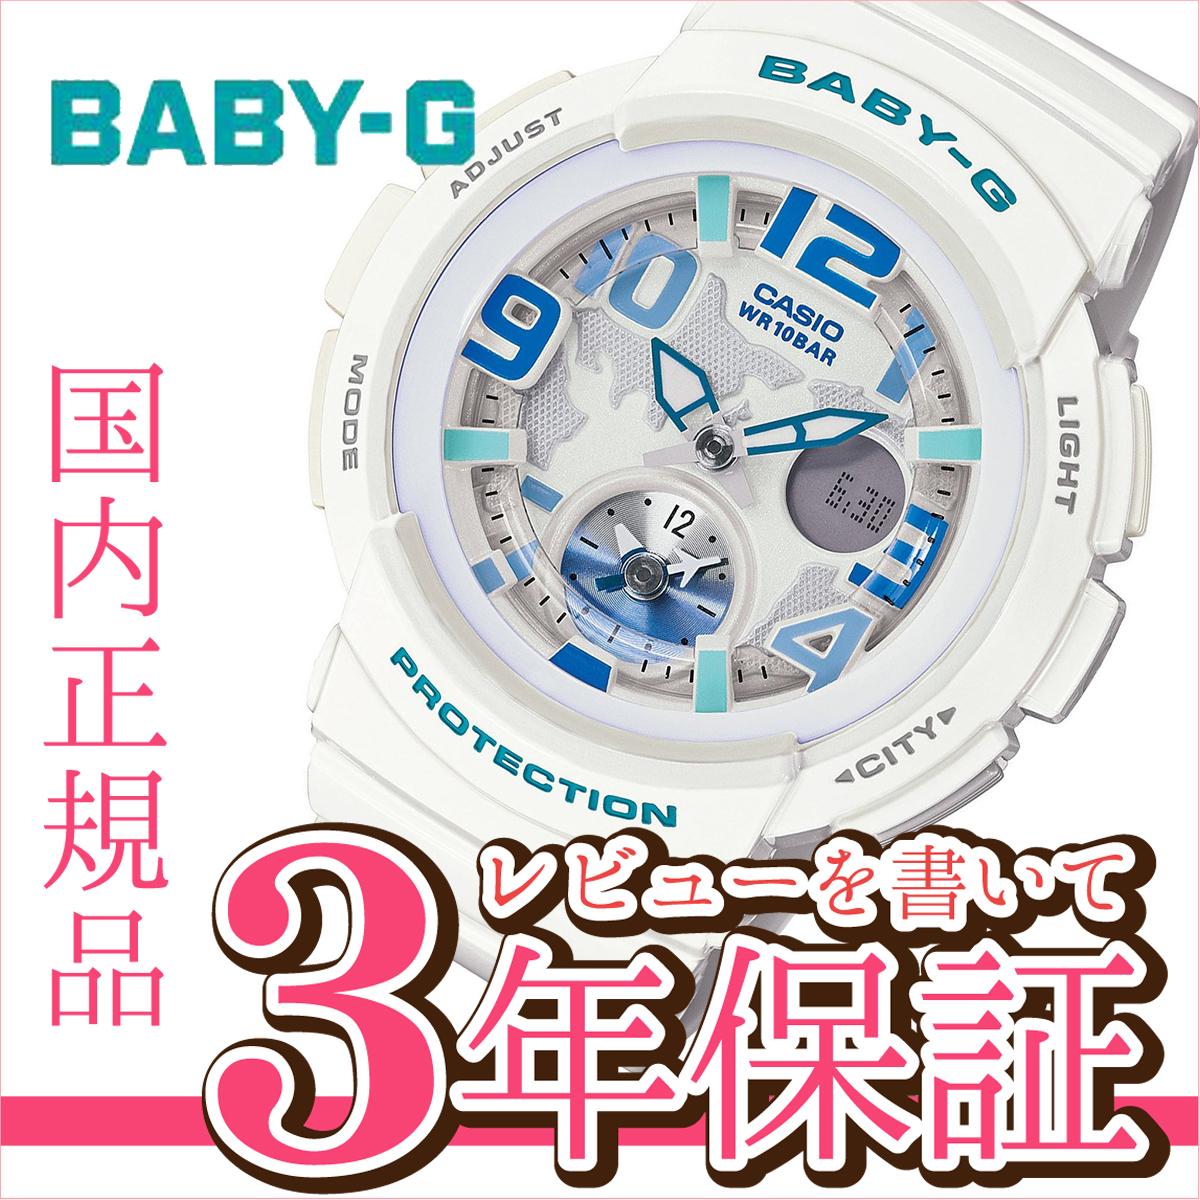 CASIO BABY-G カシオ ベビーG 腕時計 レディース ビーチ・トラベラー ホワイト アナデジ BGA-190-7BJF【正規品】【1503】【5sp】【店頭受取対応商品】